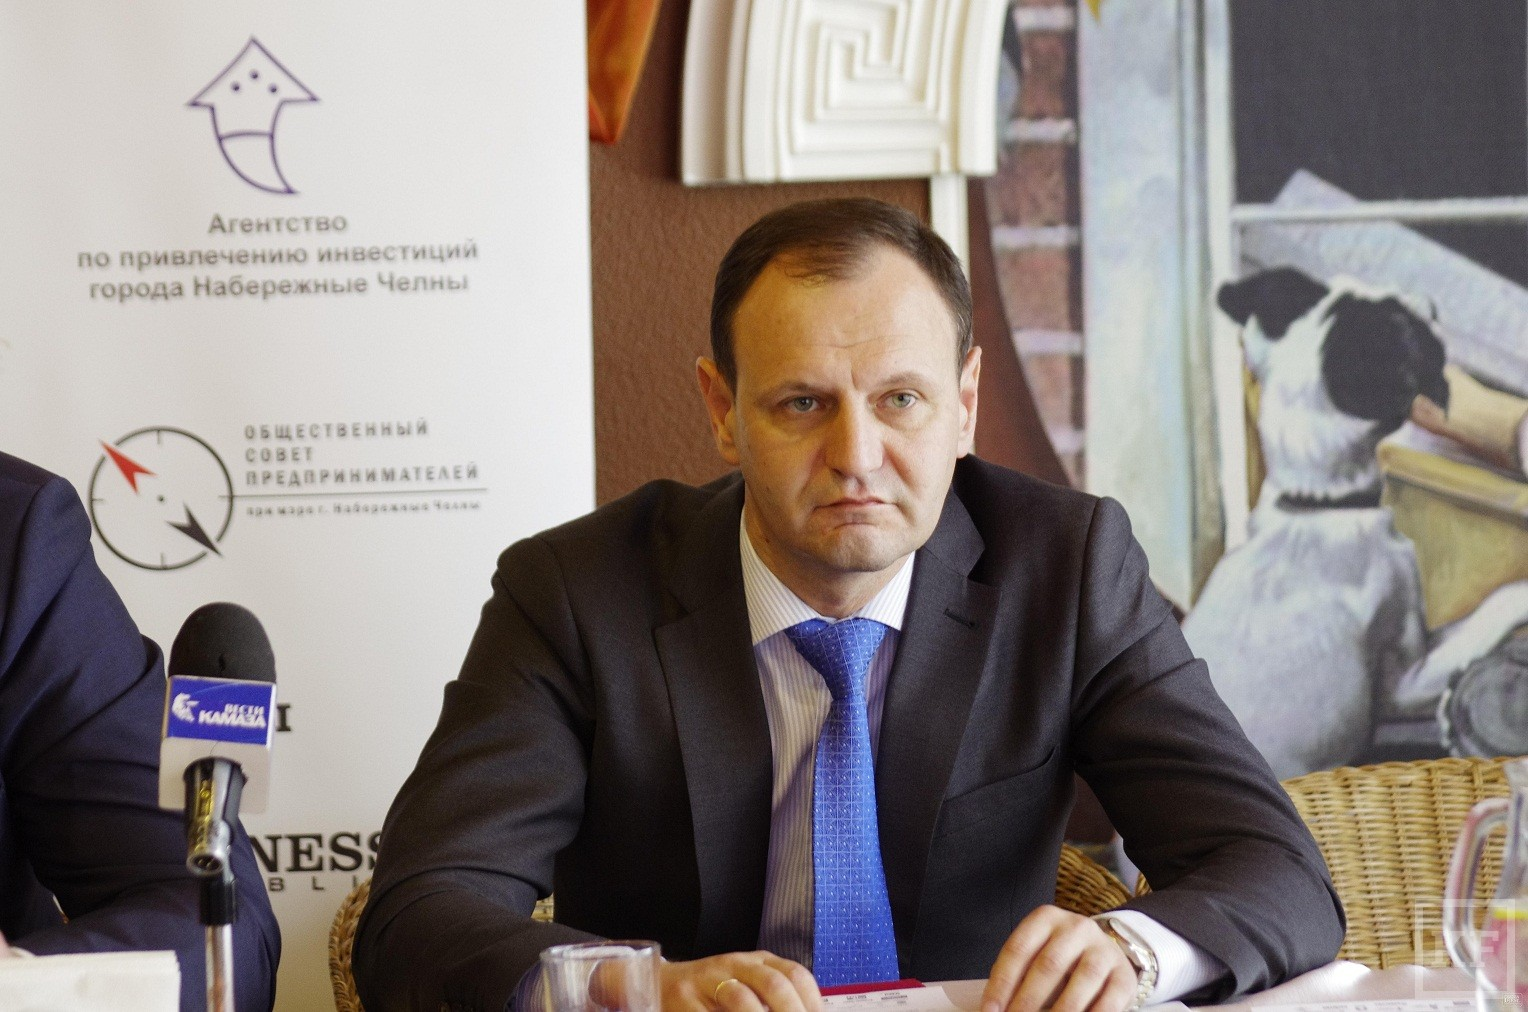 К 2030 году в Татарстане планируется ежегодно производить 200 000 тонн сжиженного природного газа